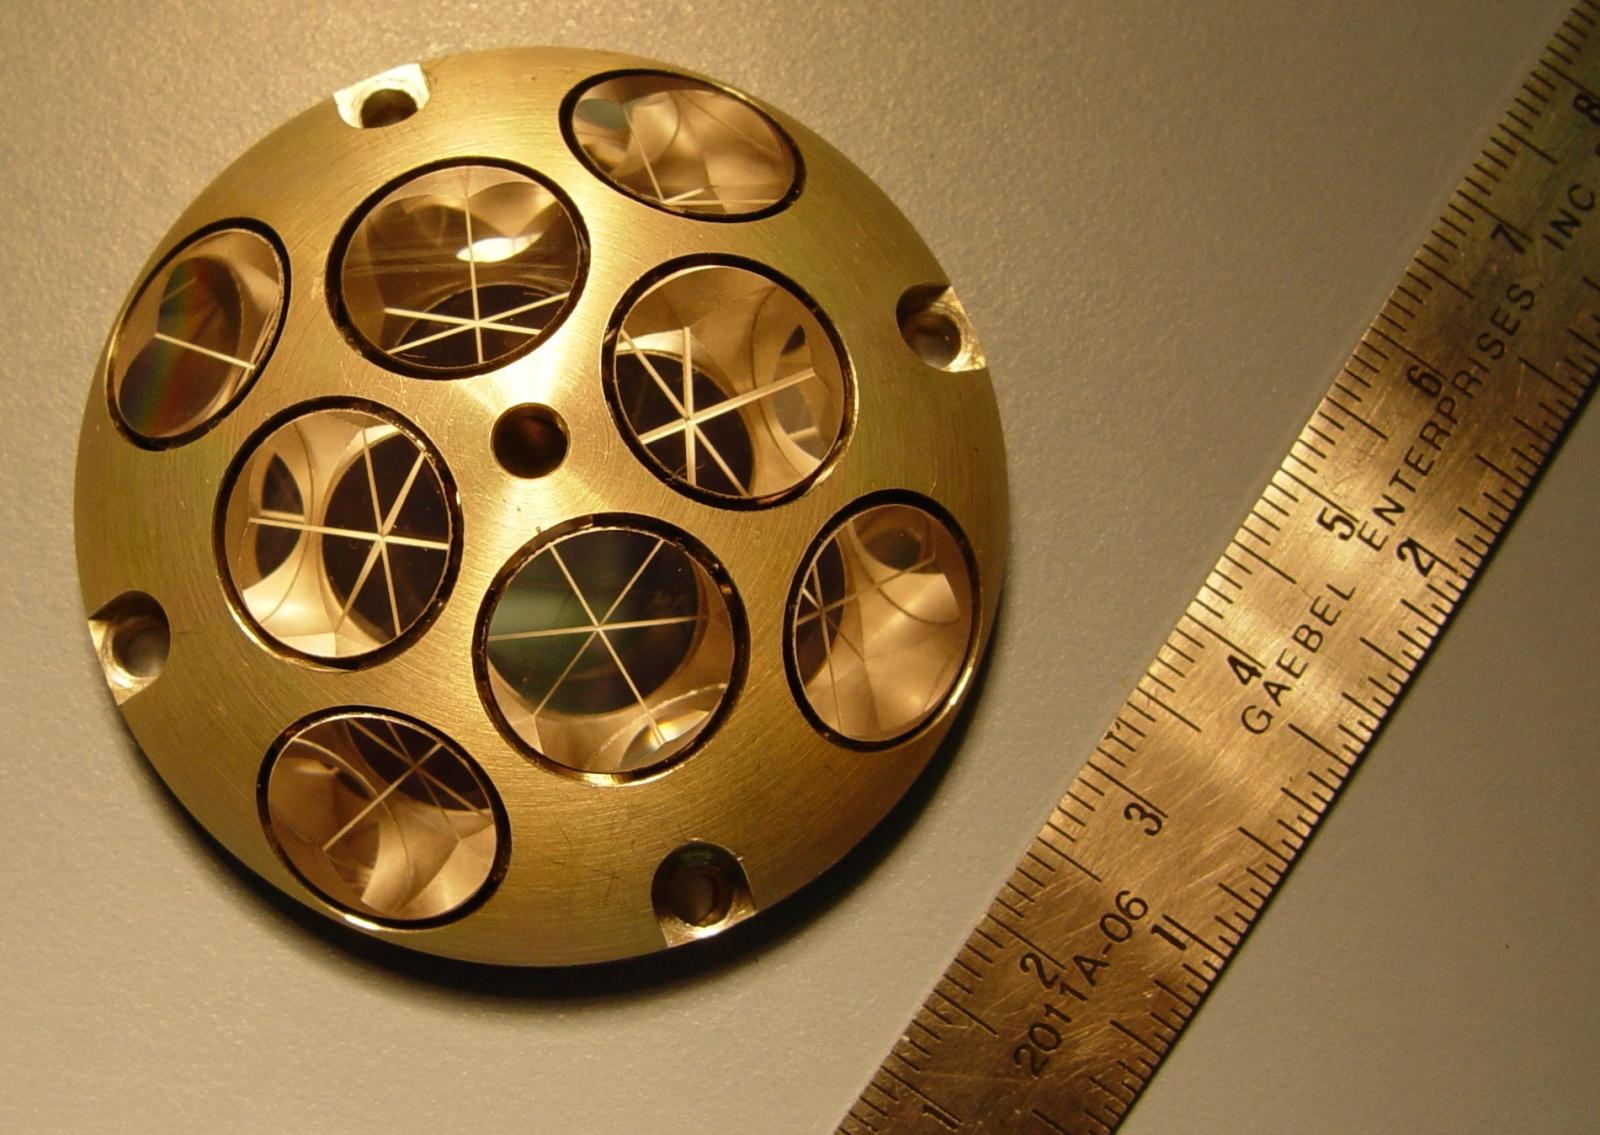 Лунная миссия «Берешит» — начаты поиски первой лунной библиотеки после аварии ее носителя - 36